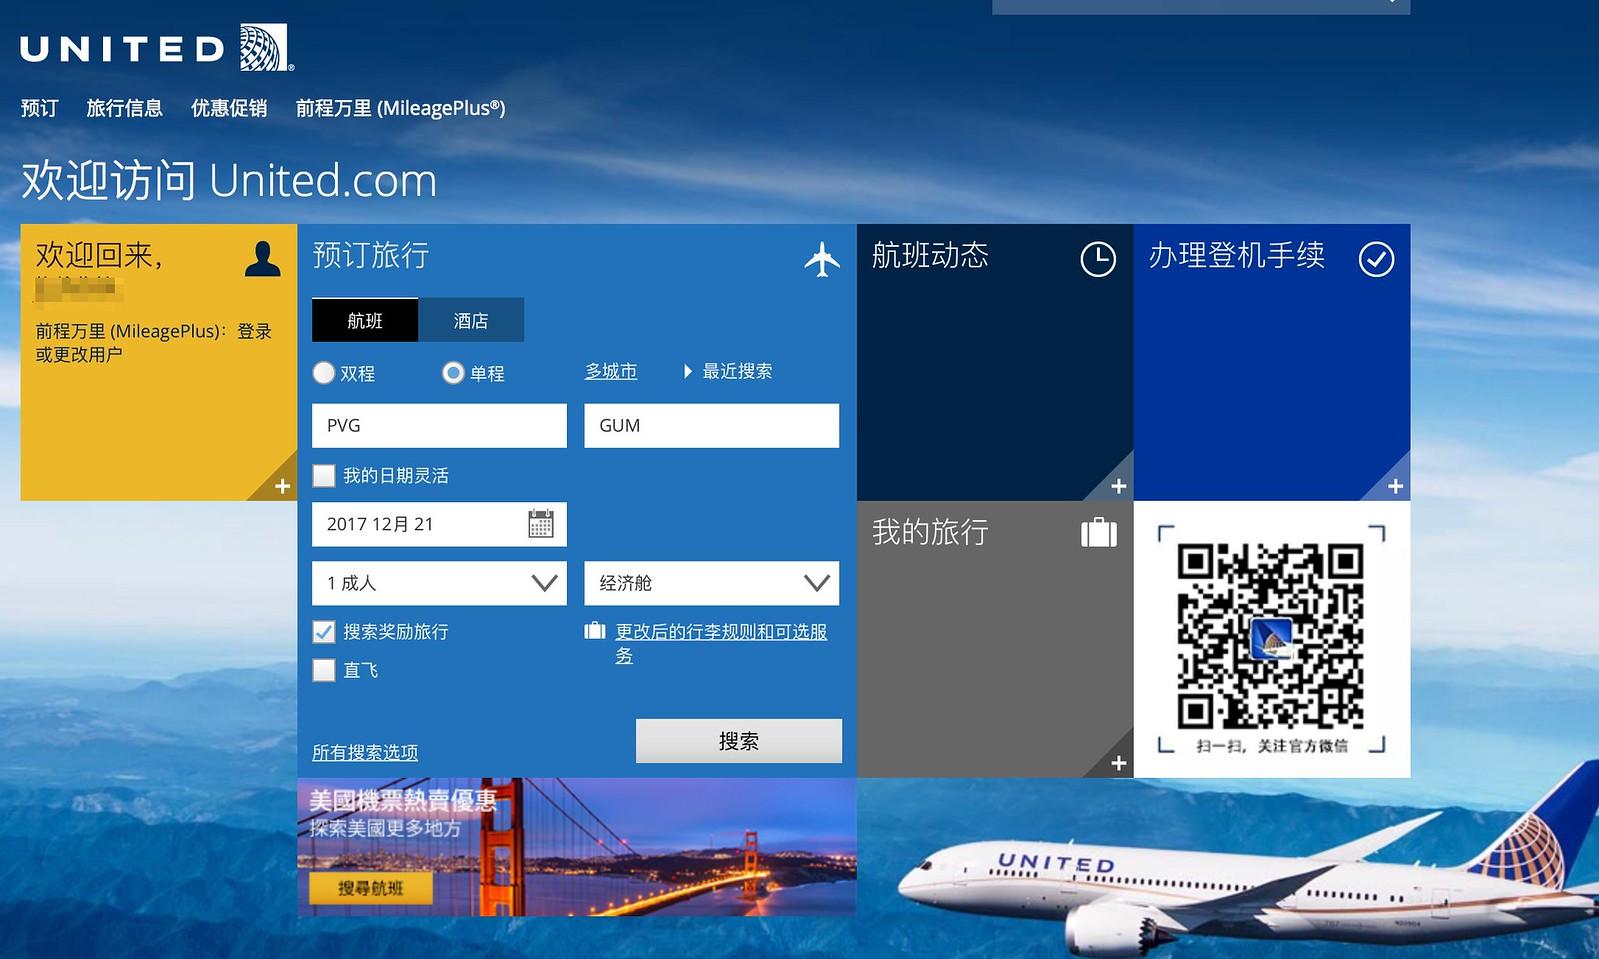 美国联合航空公司__United_Airlines__-_查看机票、旅行优惠和航班信息